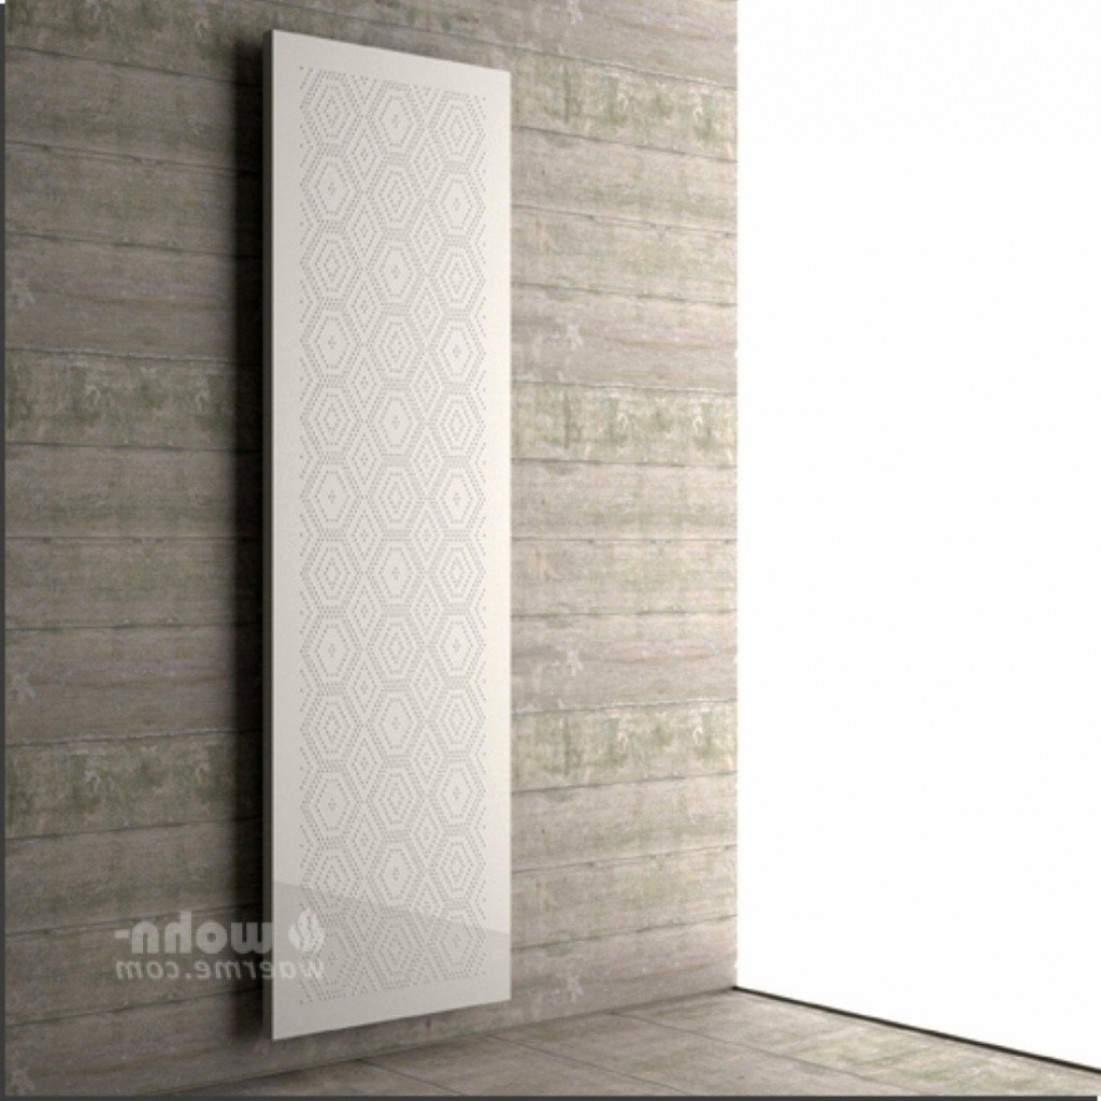 Full Size of Wandheizkörper Wohnzimmer Frisch Design Heizkörper Wohnzimmer – Wohn Design Wohnzimmer Heizkörper Wohnzimmer